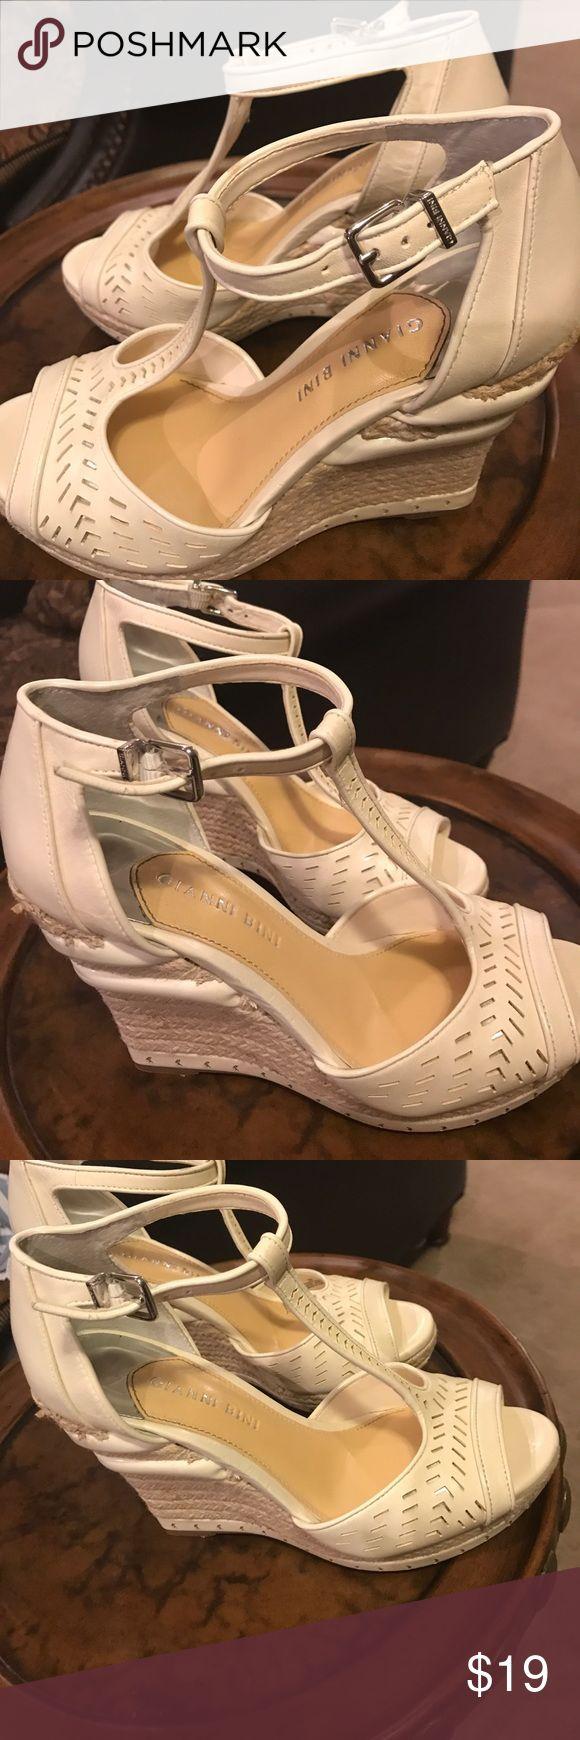 Gianni Bini size 8 Gianni Bini size 8 Gianni Bini Shoes Wedges